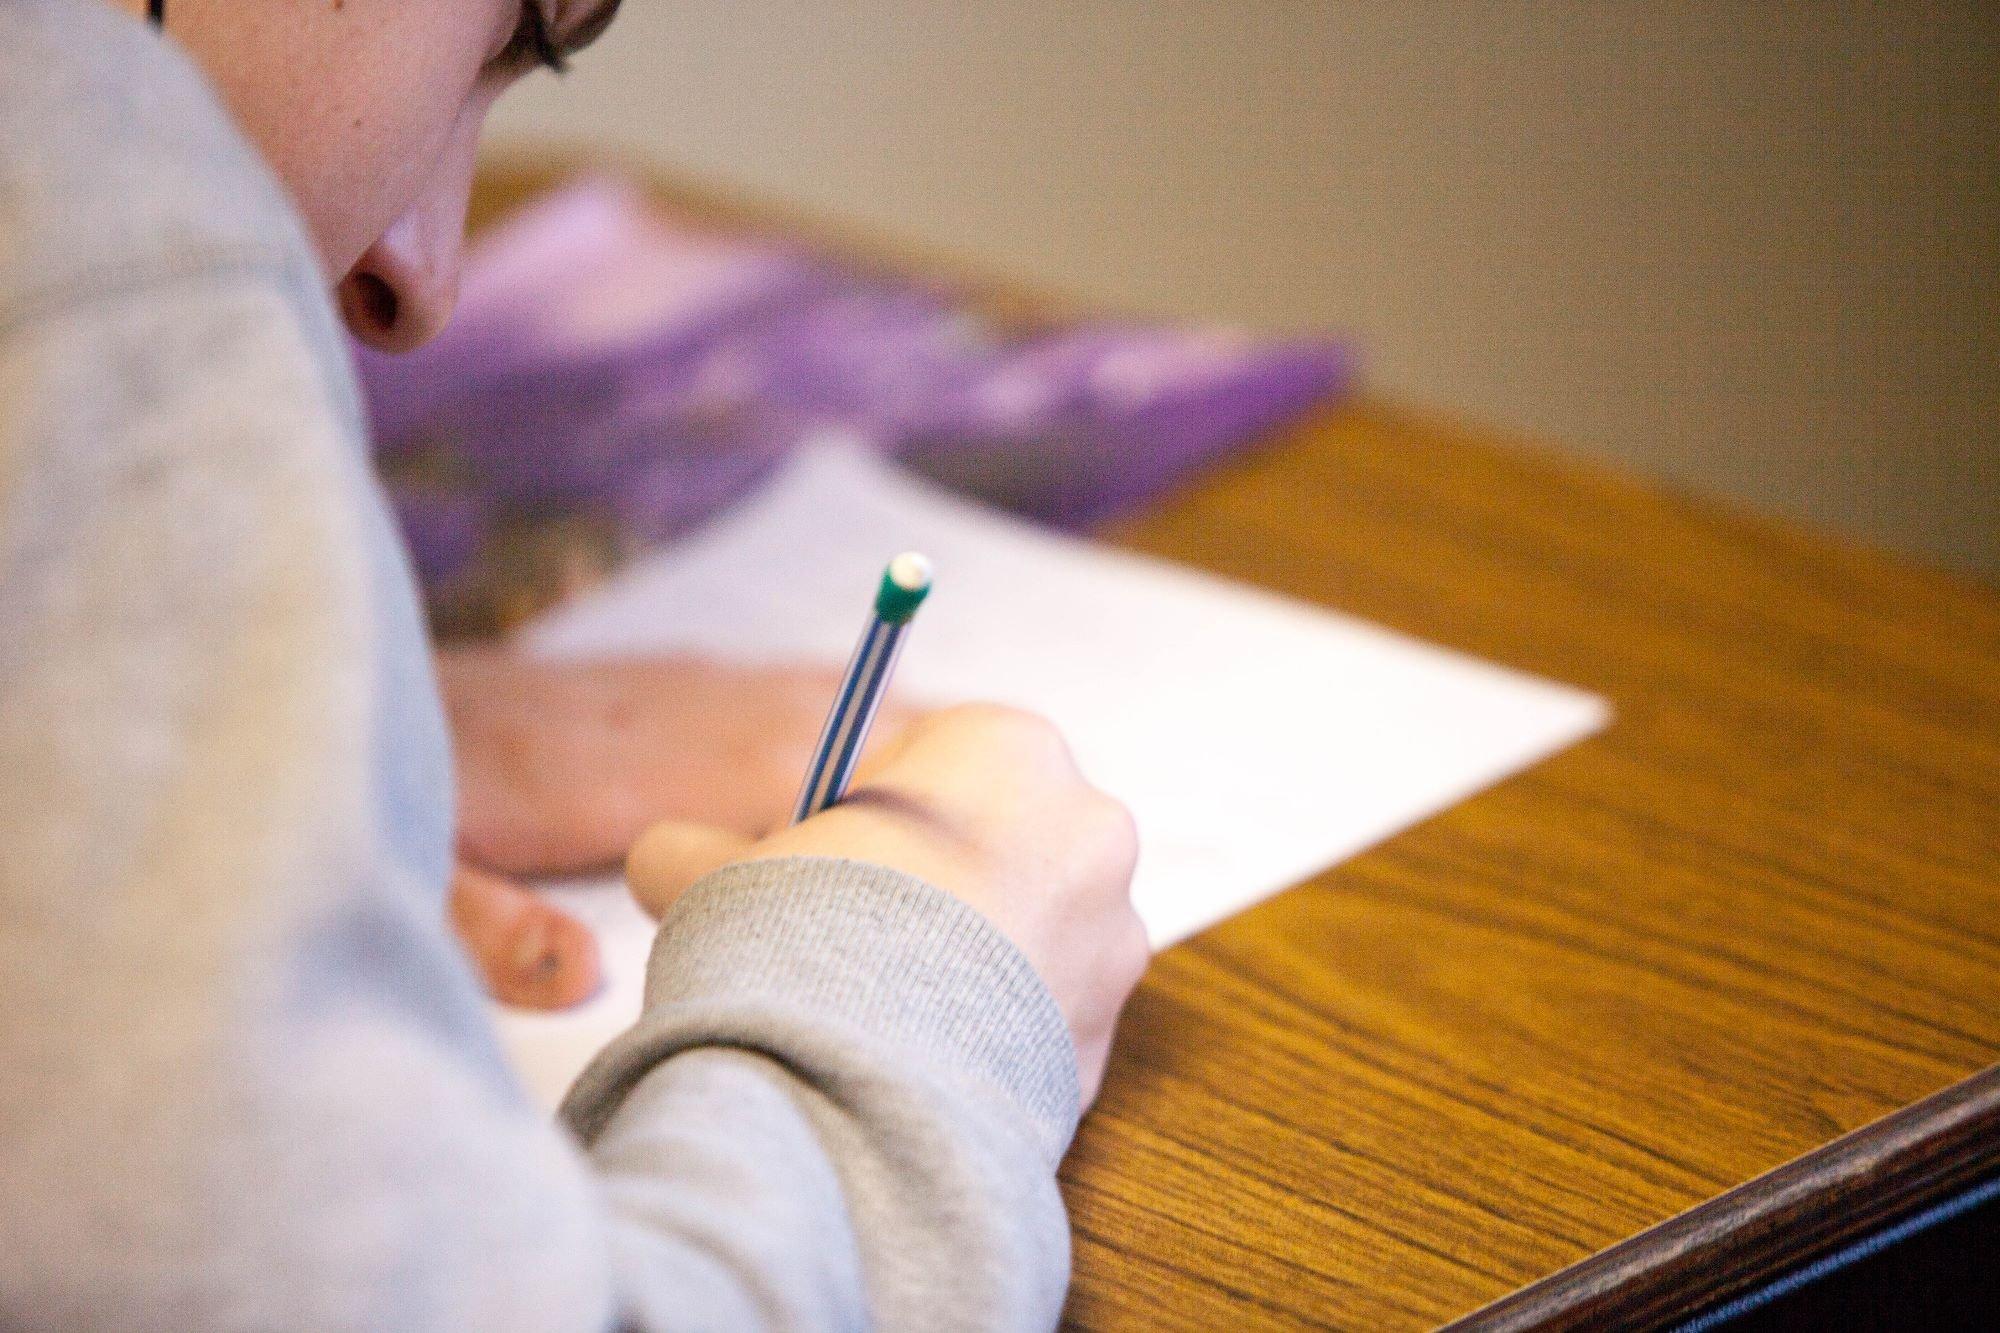 Soome keele YKI testi tulemus kehtib koolieksamina